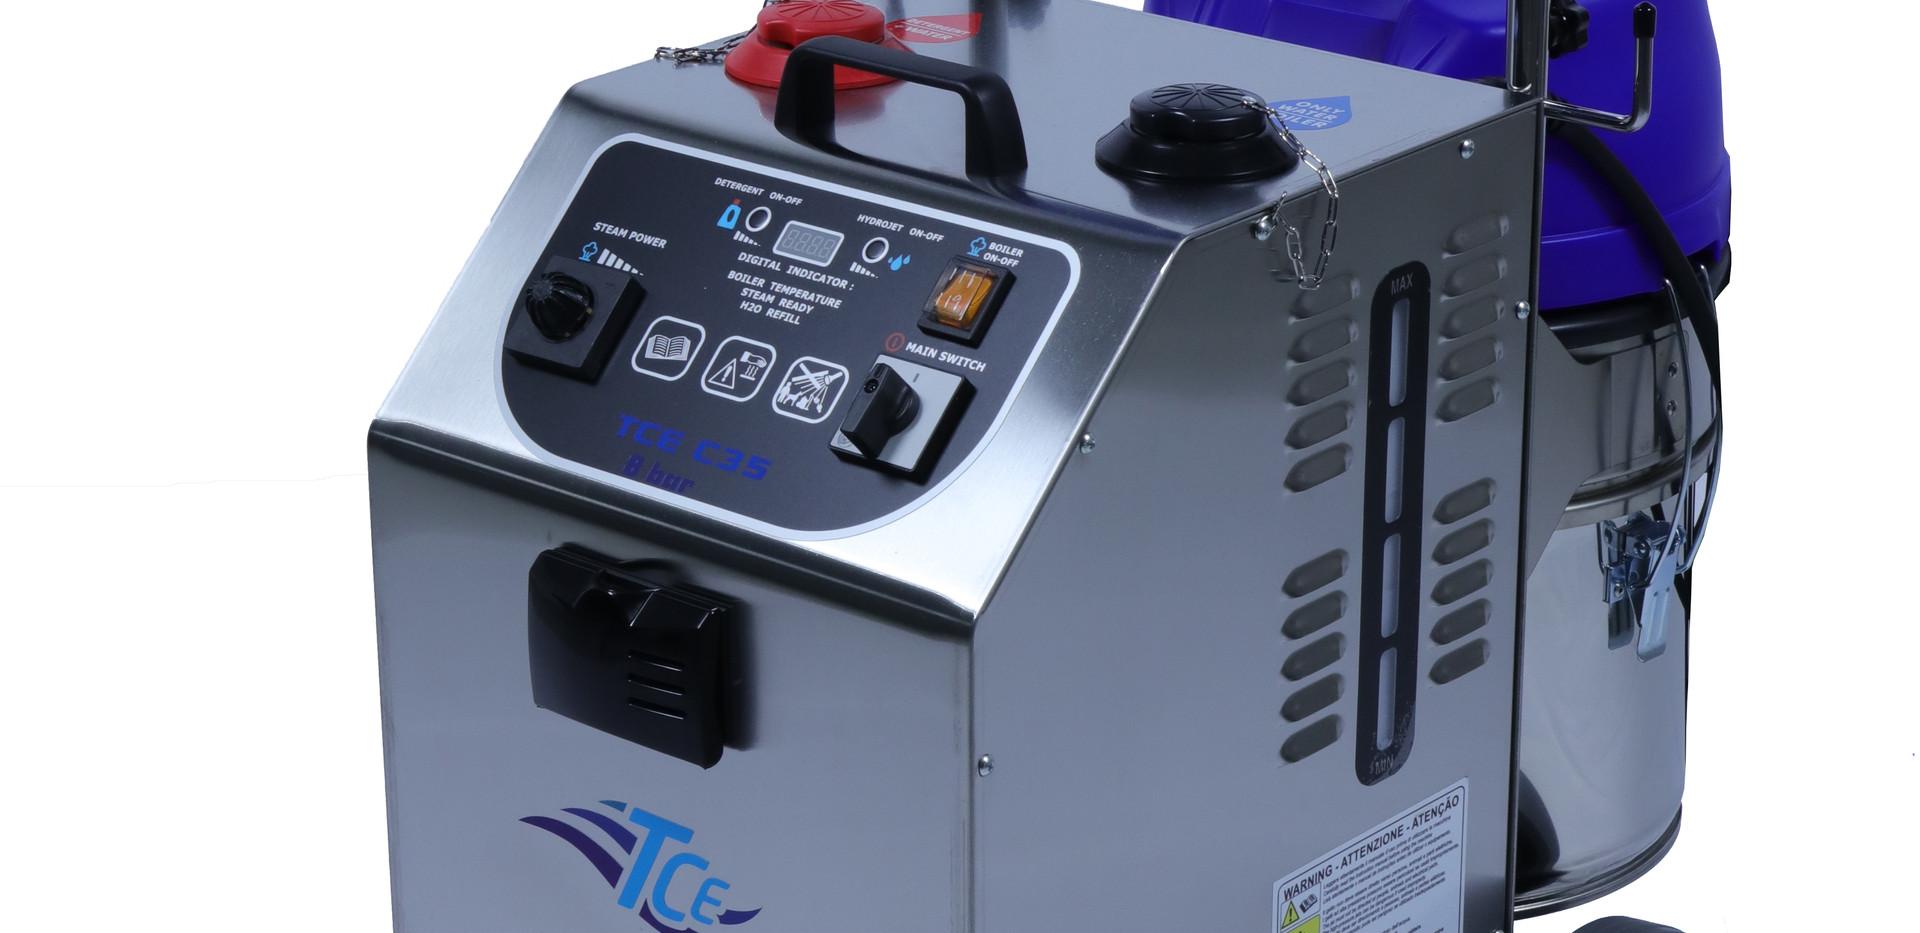 tce-c35-comby-3500-stoomextractie-stofzu